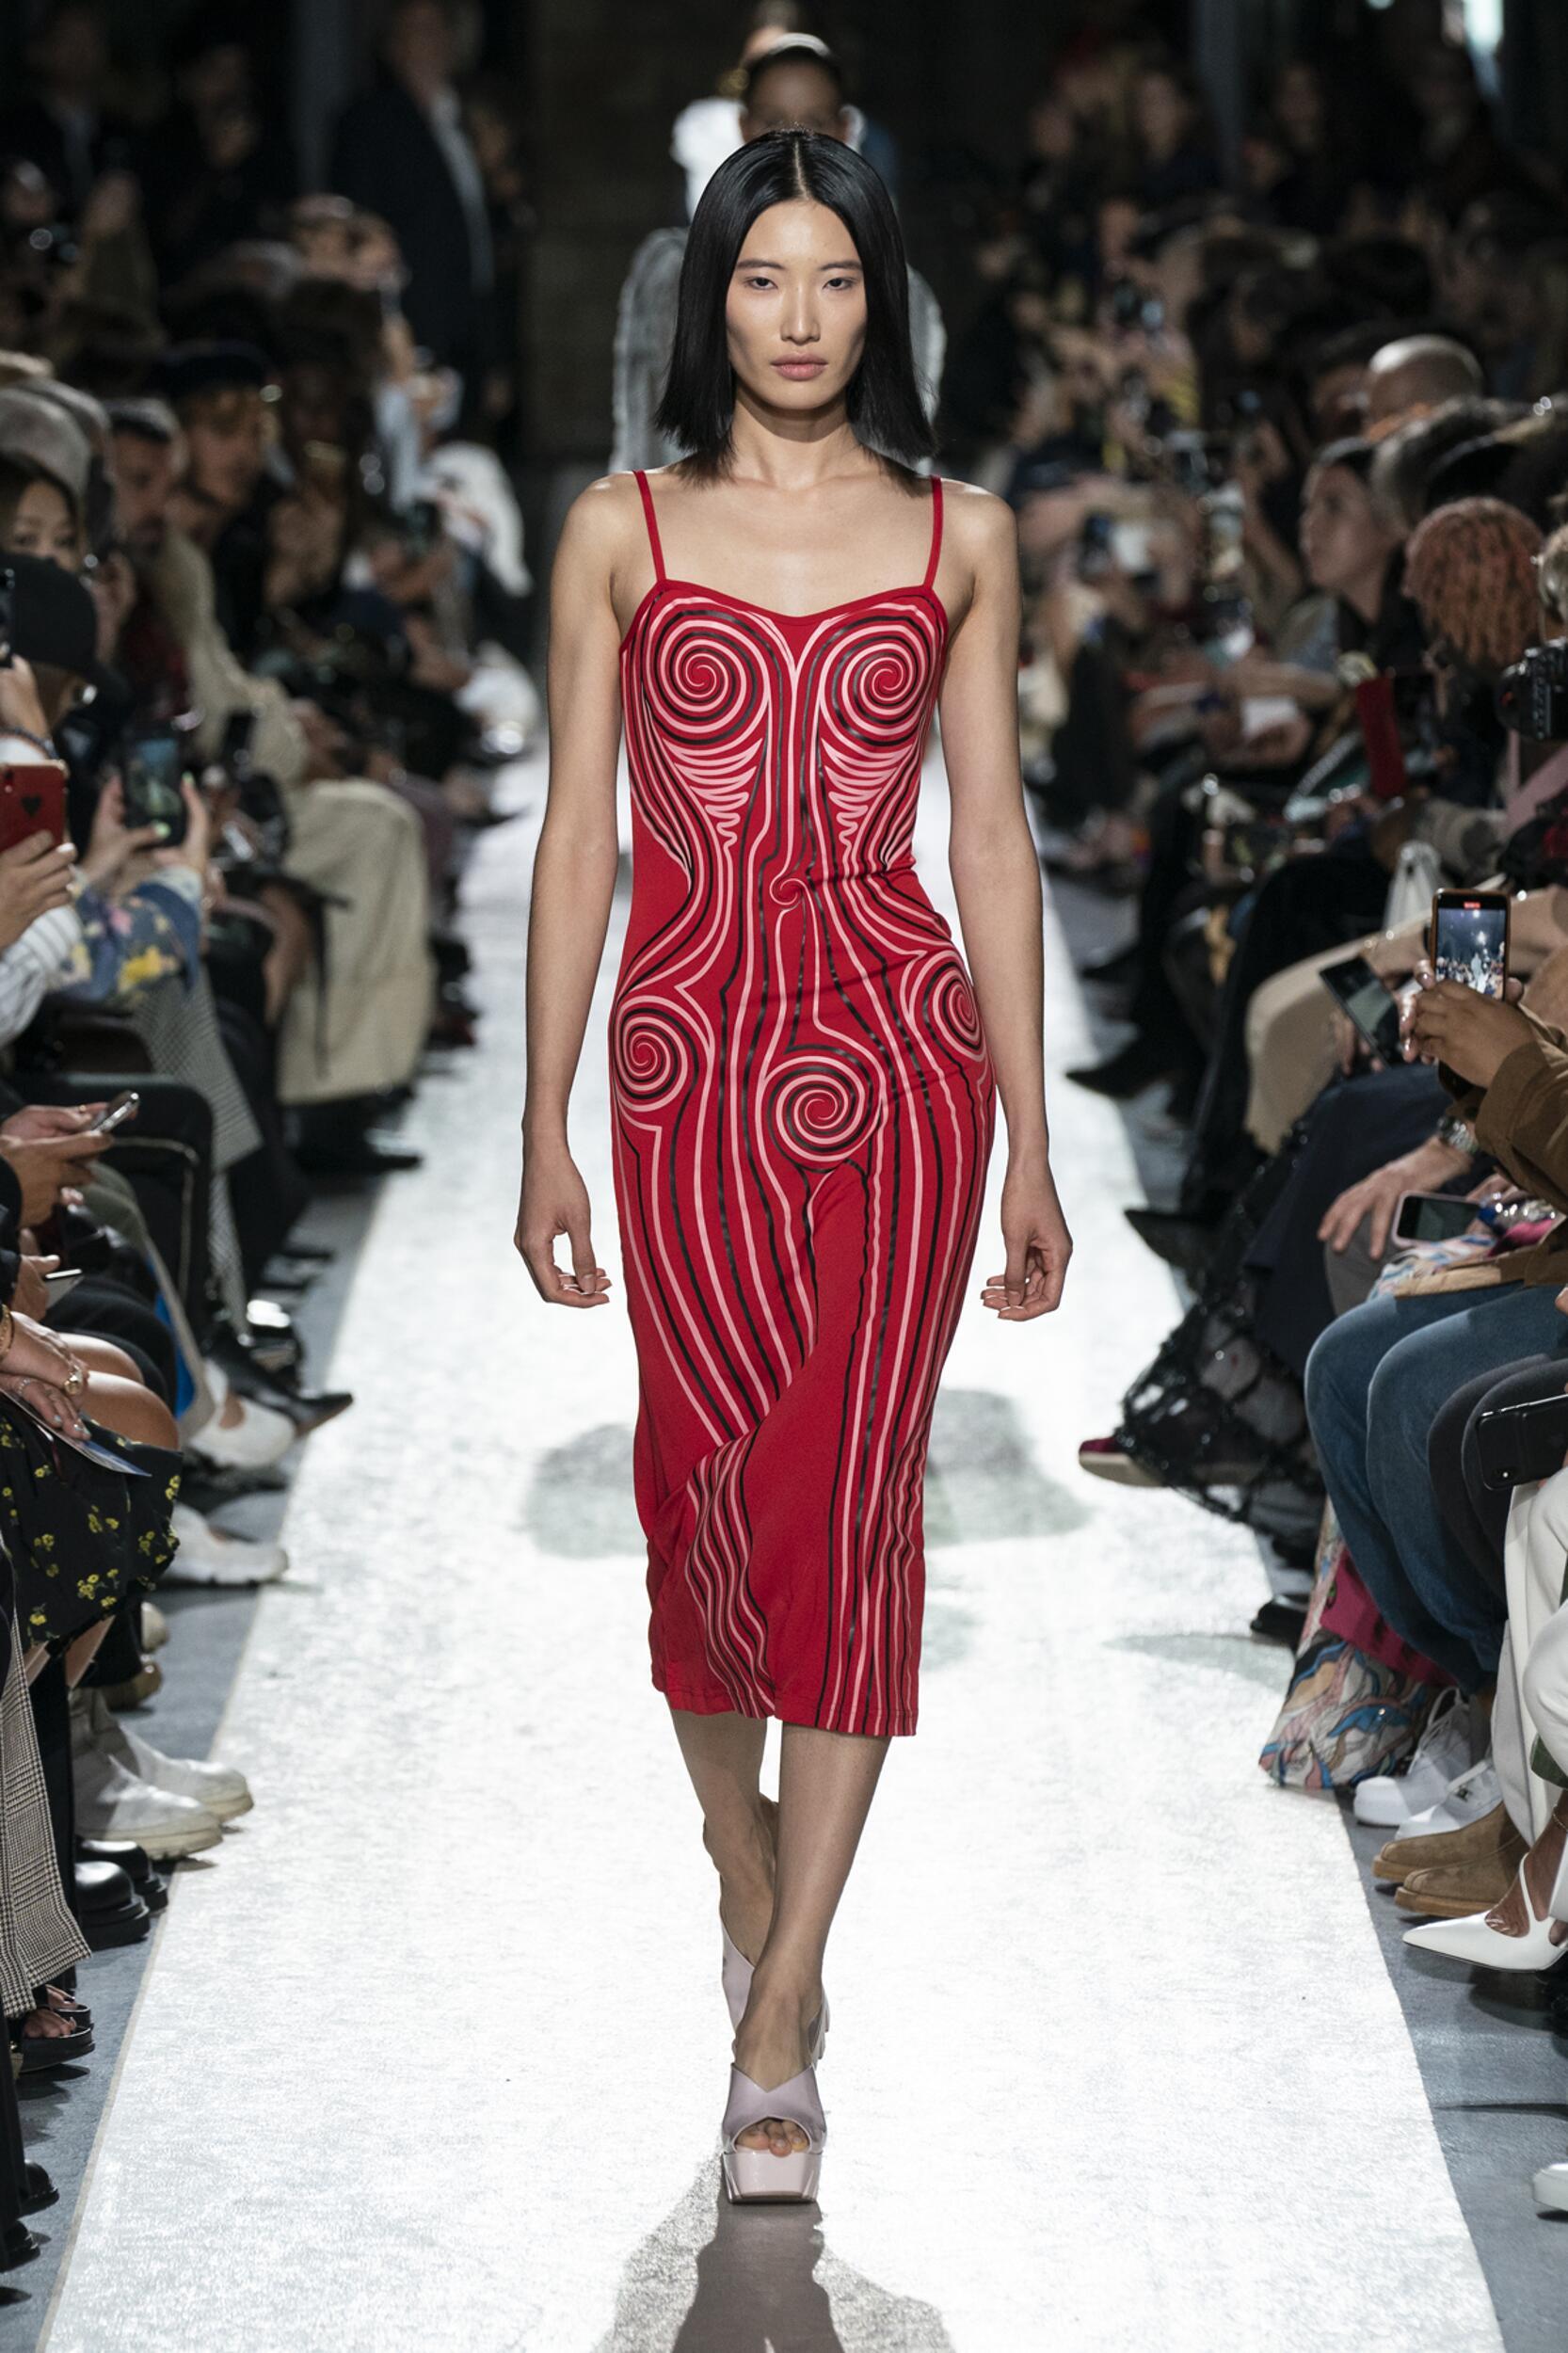 Fashion Model Woman Y/Project Catwalk